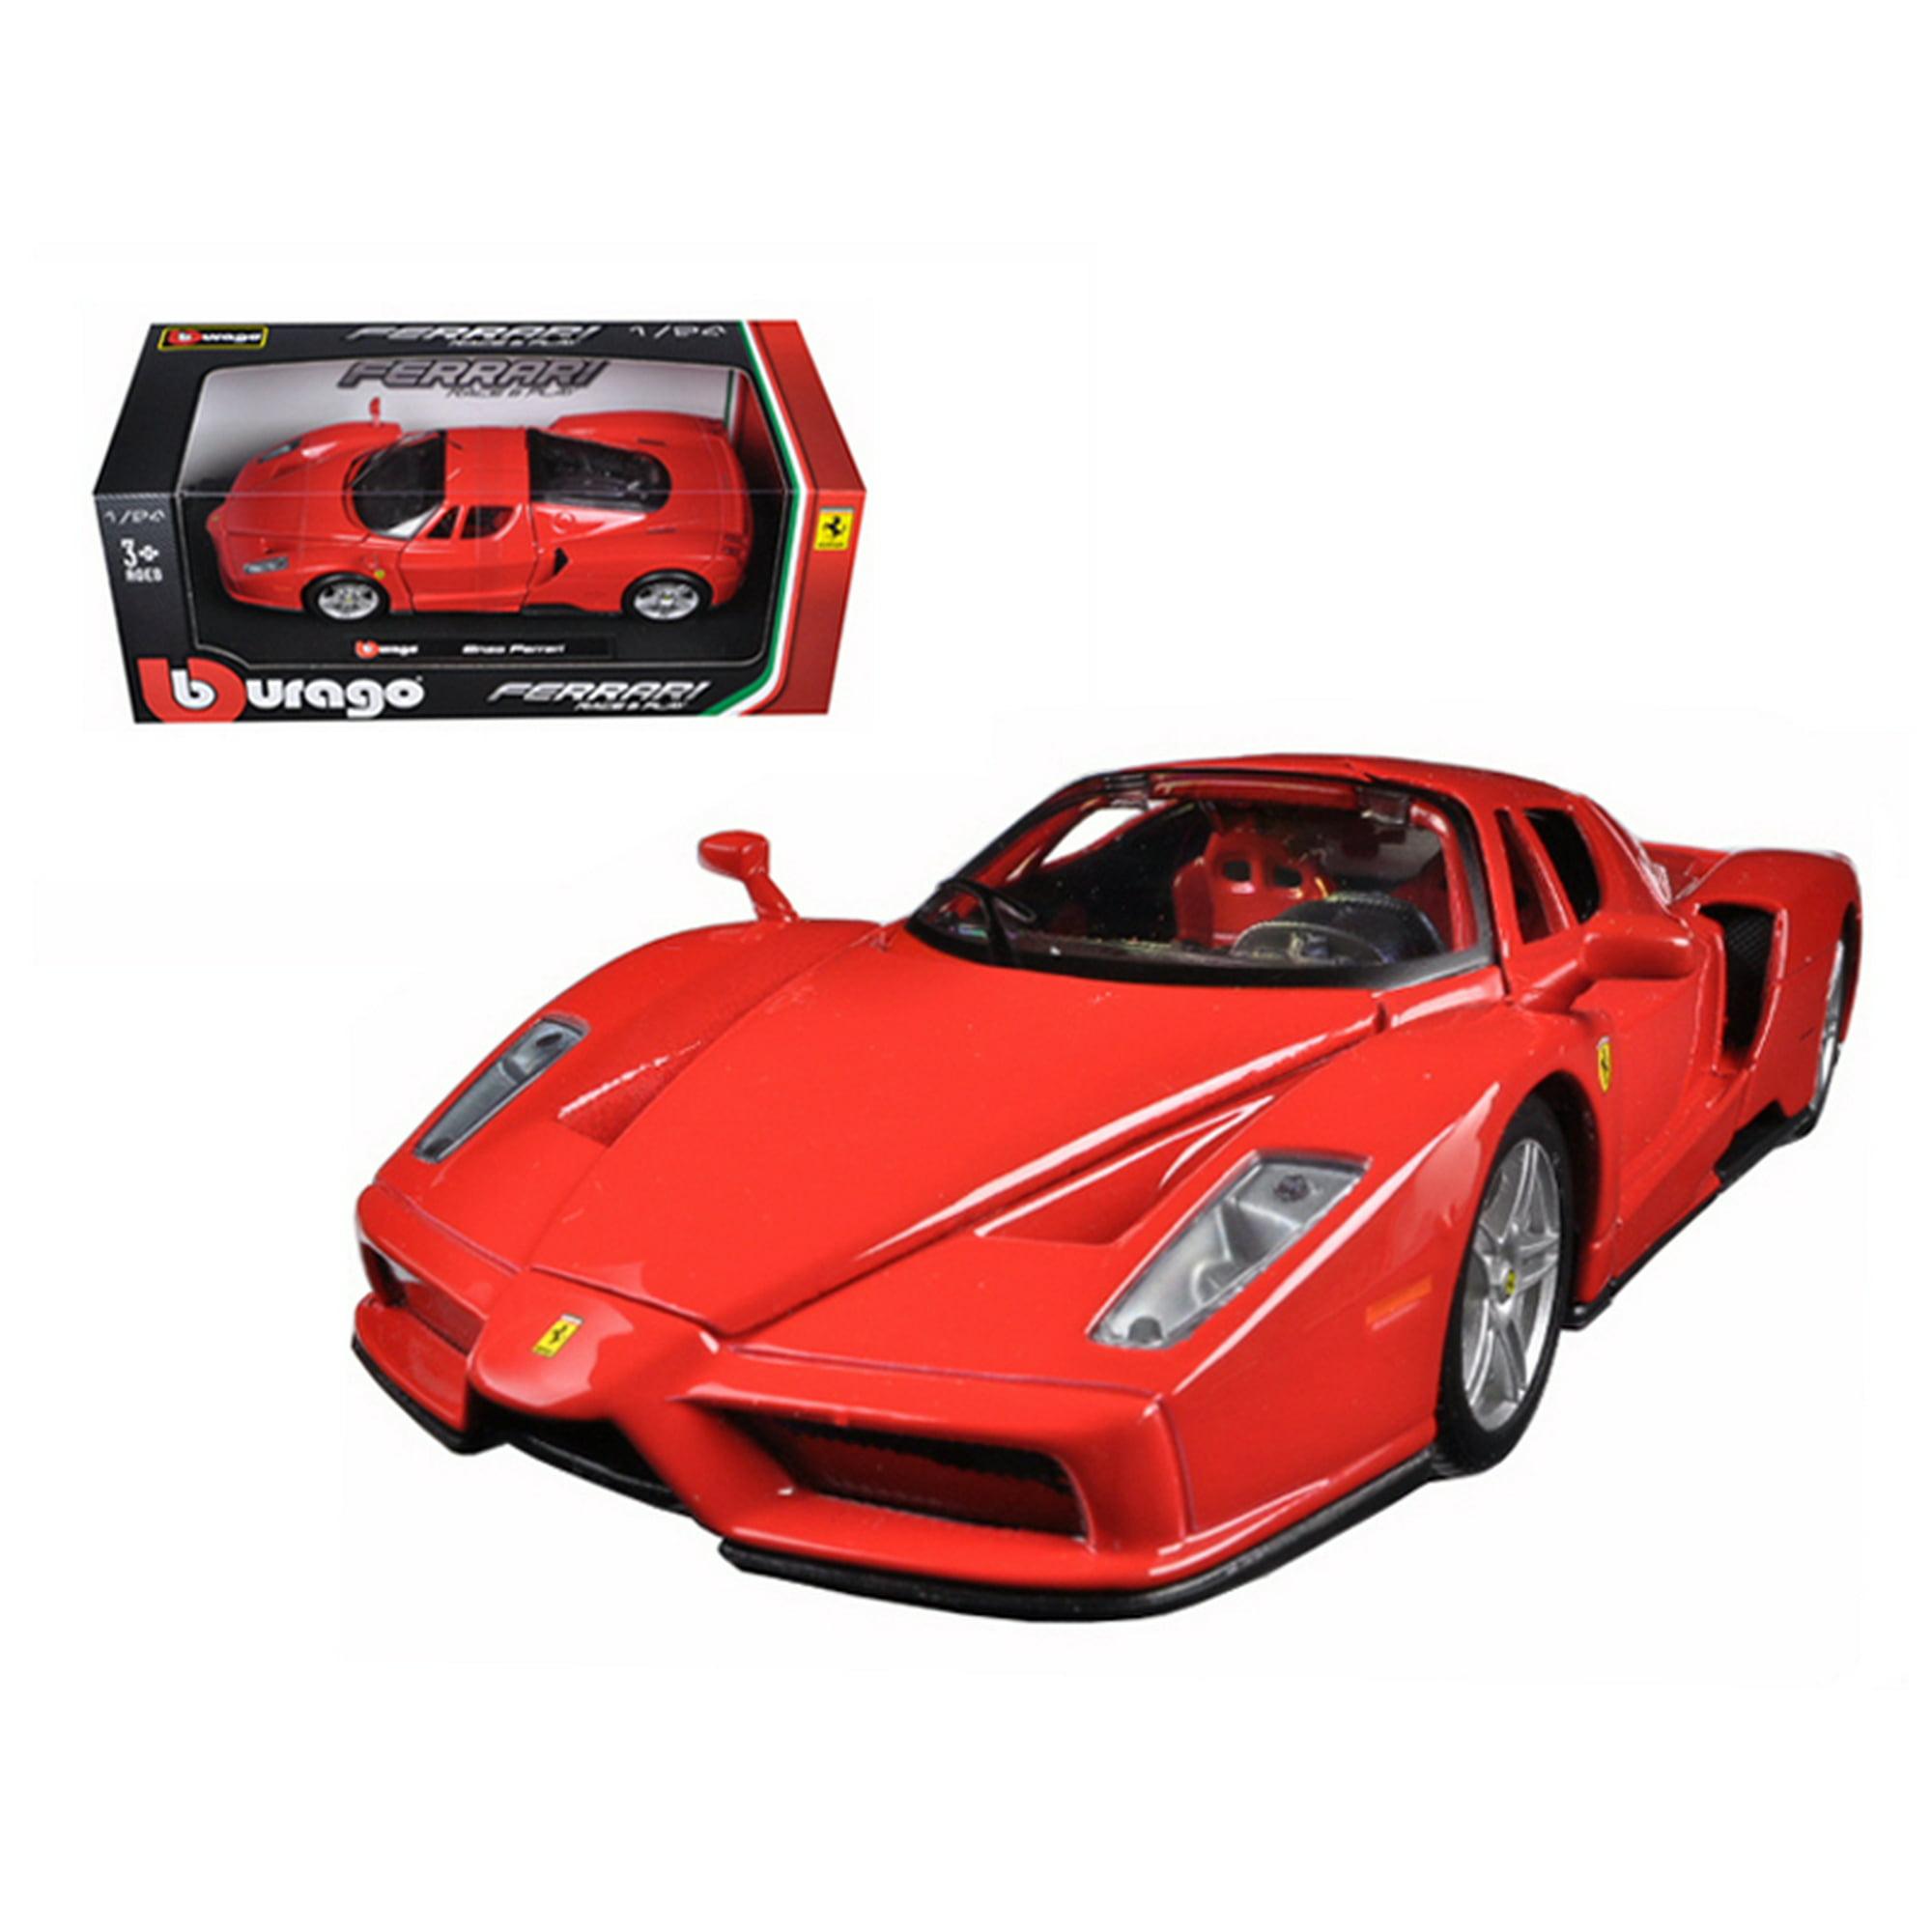 Ferrari Enzo Red 1 24 Diecast Model Car By Bburago Walmart Canada